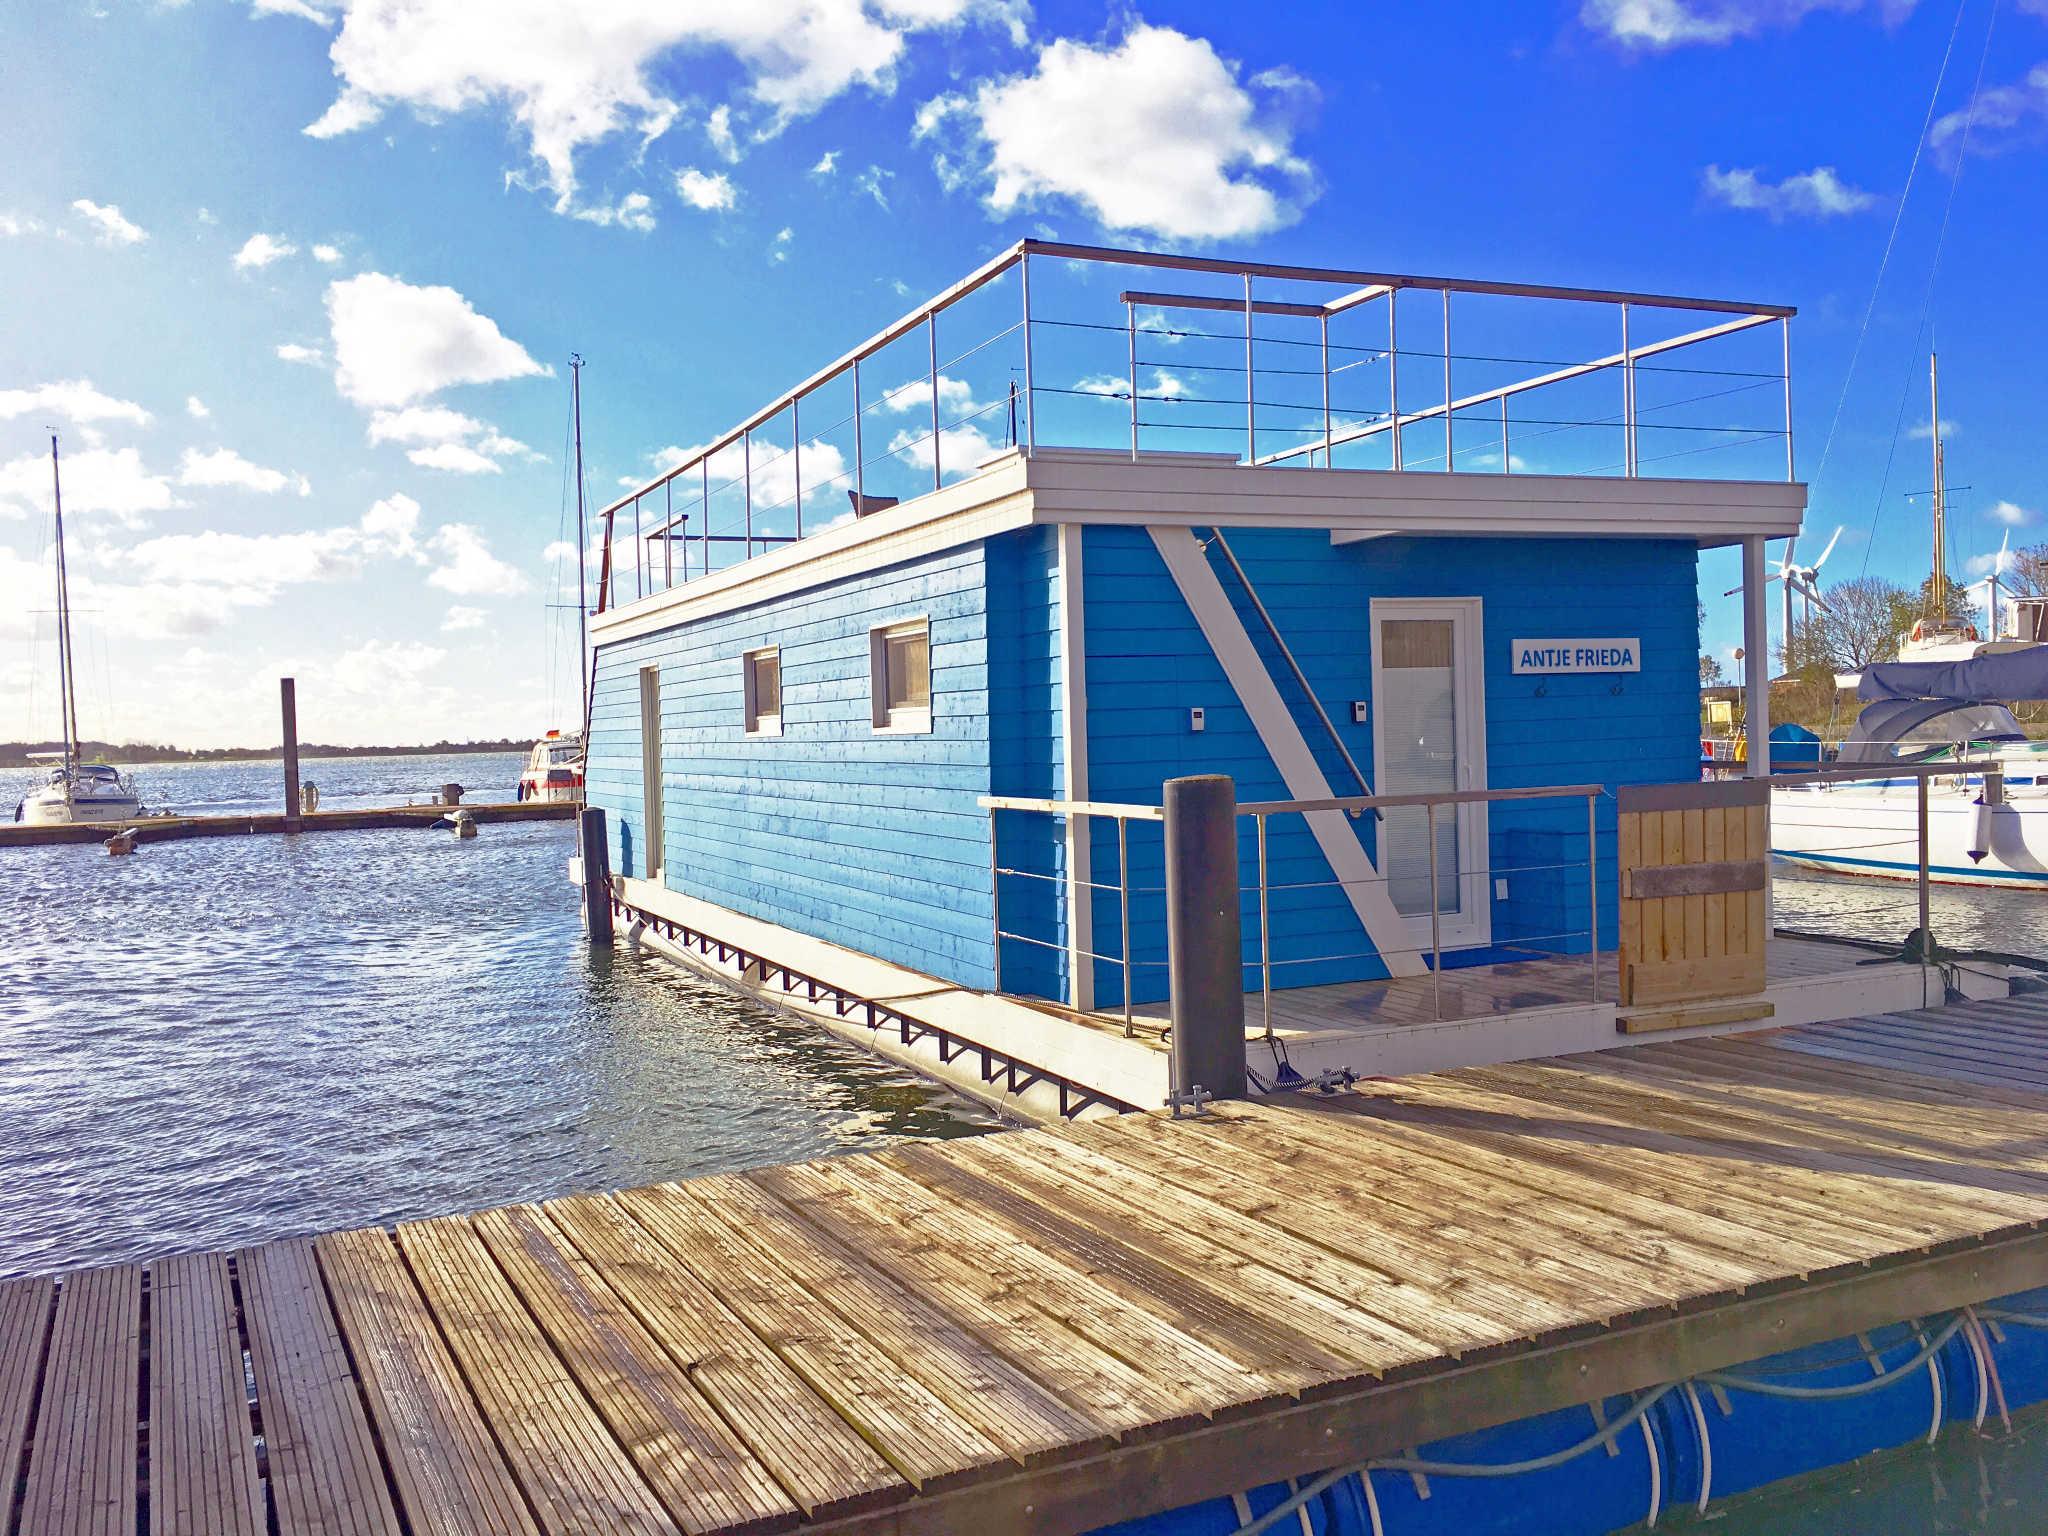 Fesselnde Außergewöhnliche Ferienhäuser Ideen Von Ostsee Boot Antje Frieda